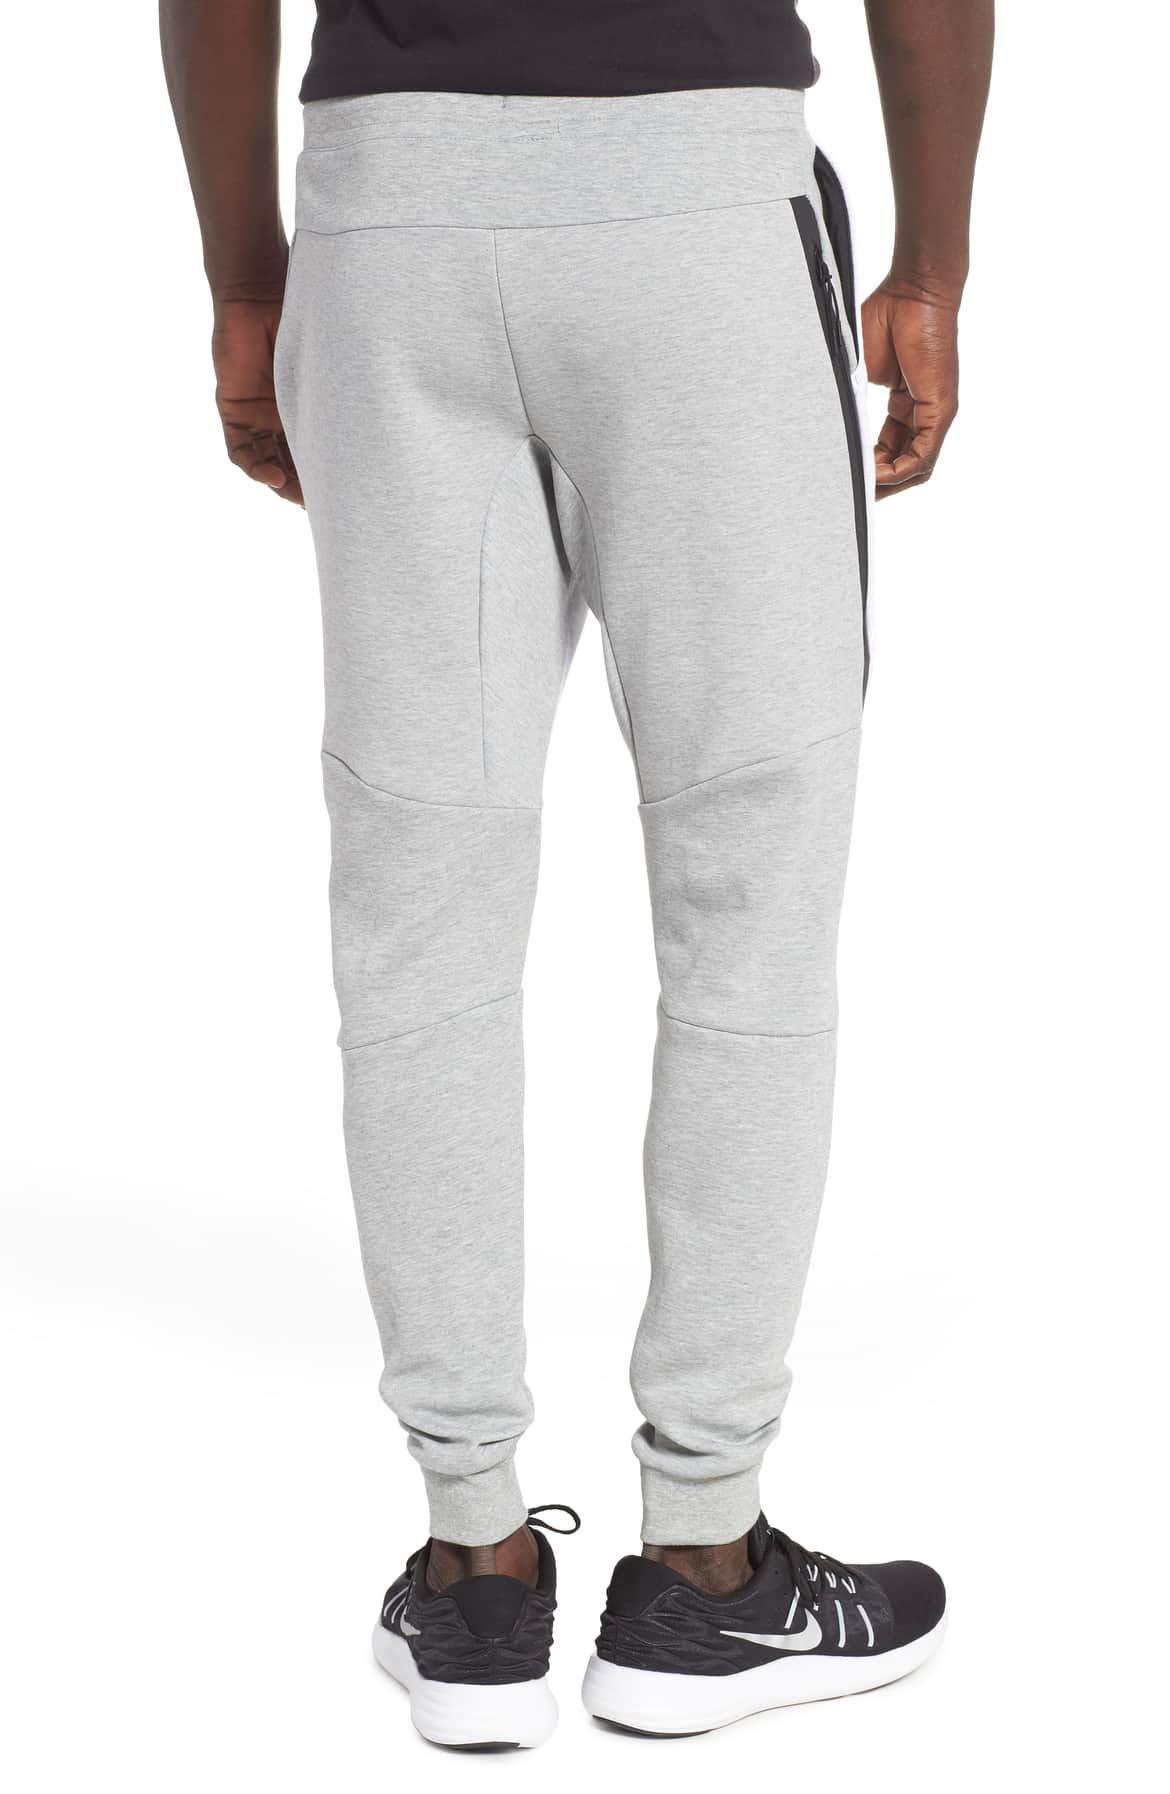 NIKE Mens Sportswear Tech Fleece Jogger Sweatpants (Dk Grey Heather/Birch Heather/Black, Small) by Nike (Image #3)